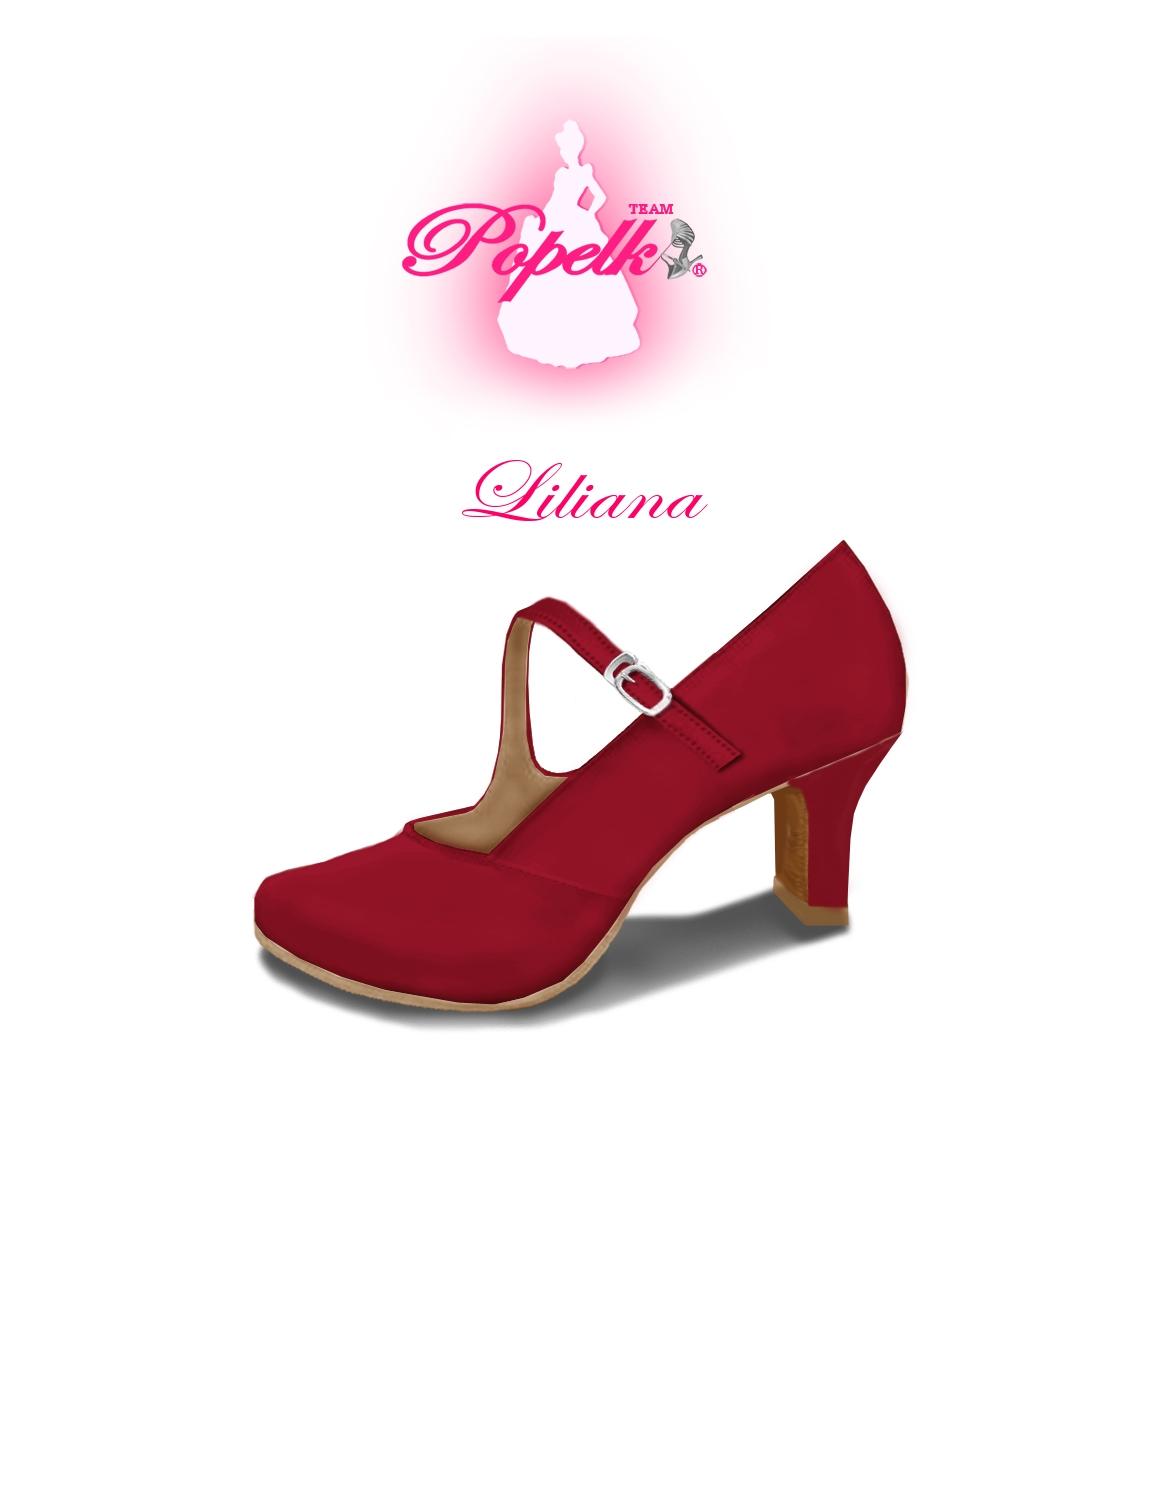 Svadobné topánky s úpravou na želanie - inšpirácie bordó, hnědá, čokoládová - Obrázok č. 31